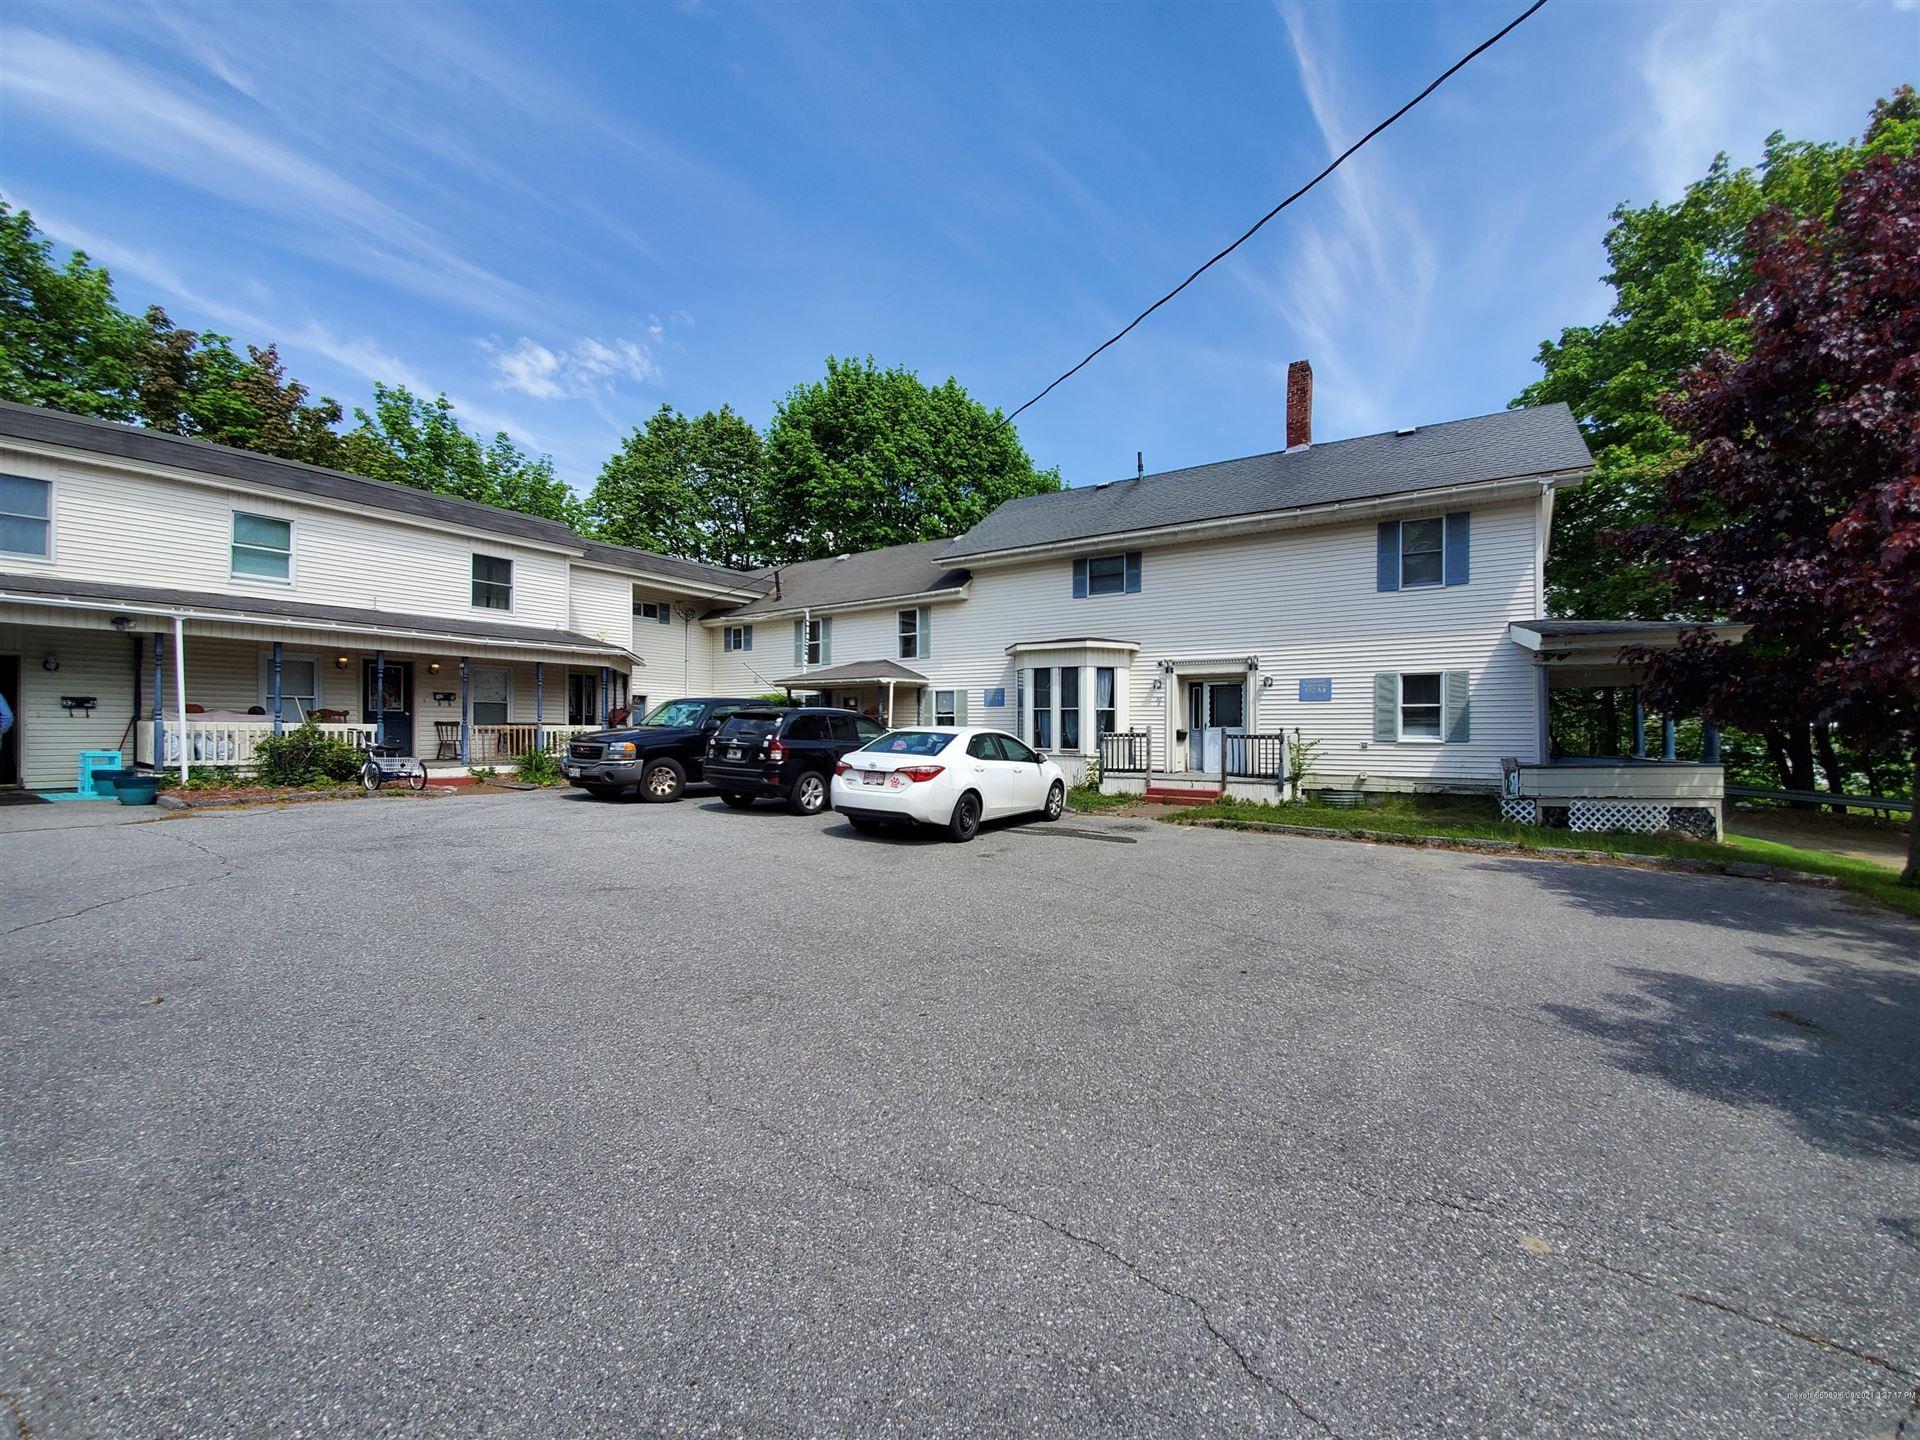 Photo of 32 Crosby Street, Augusta, ME 04330 (MLS # 1494224)